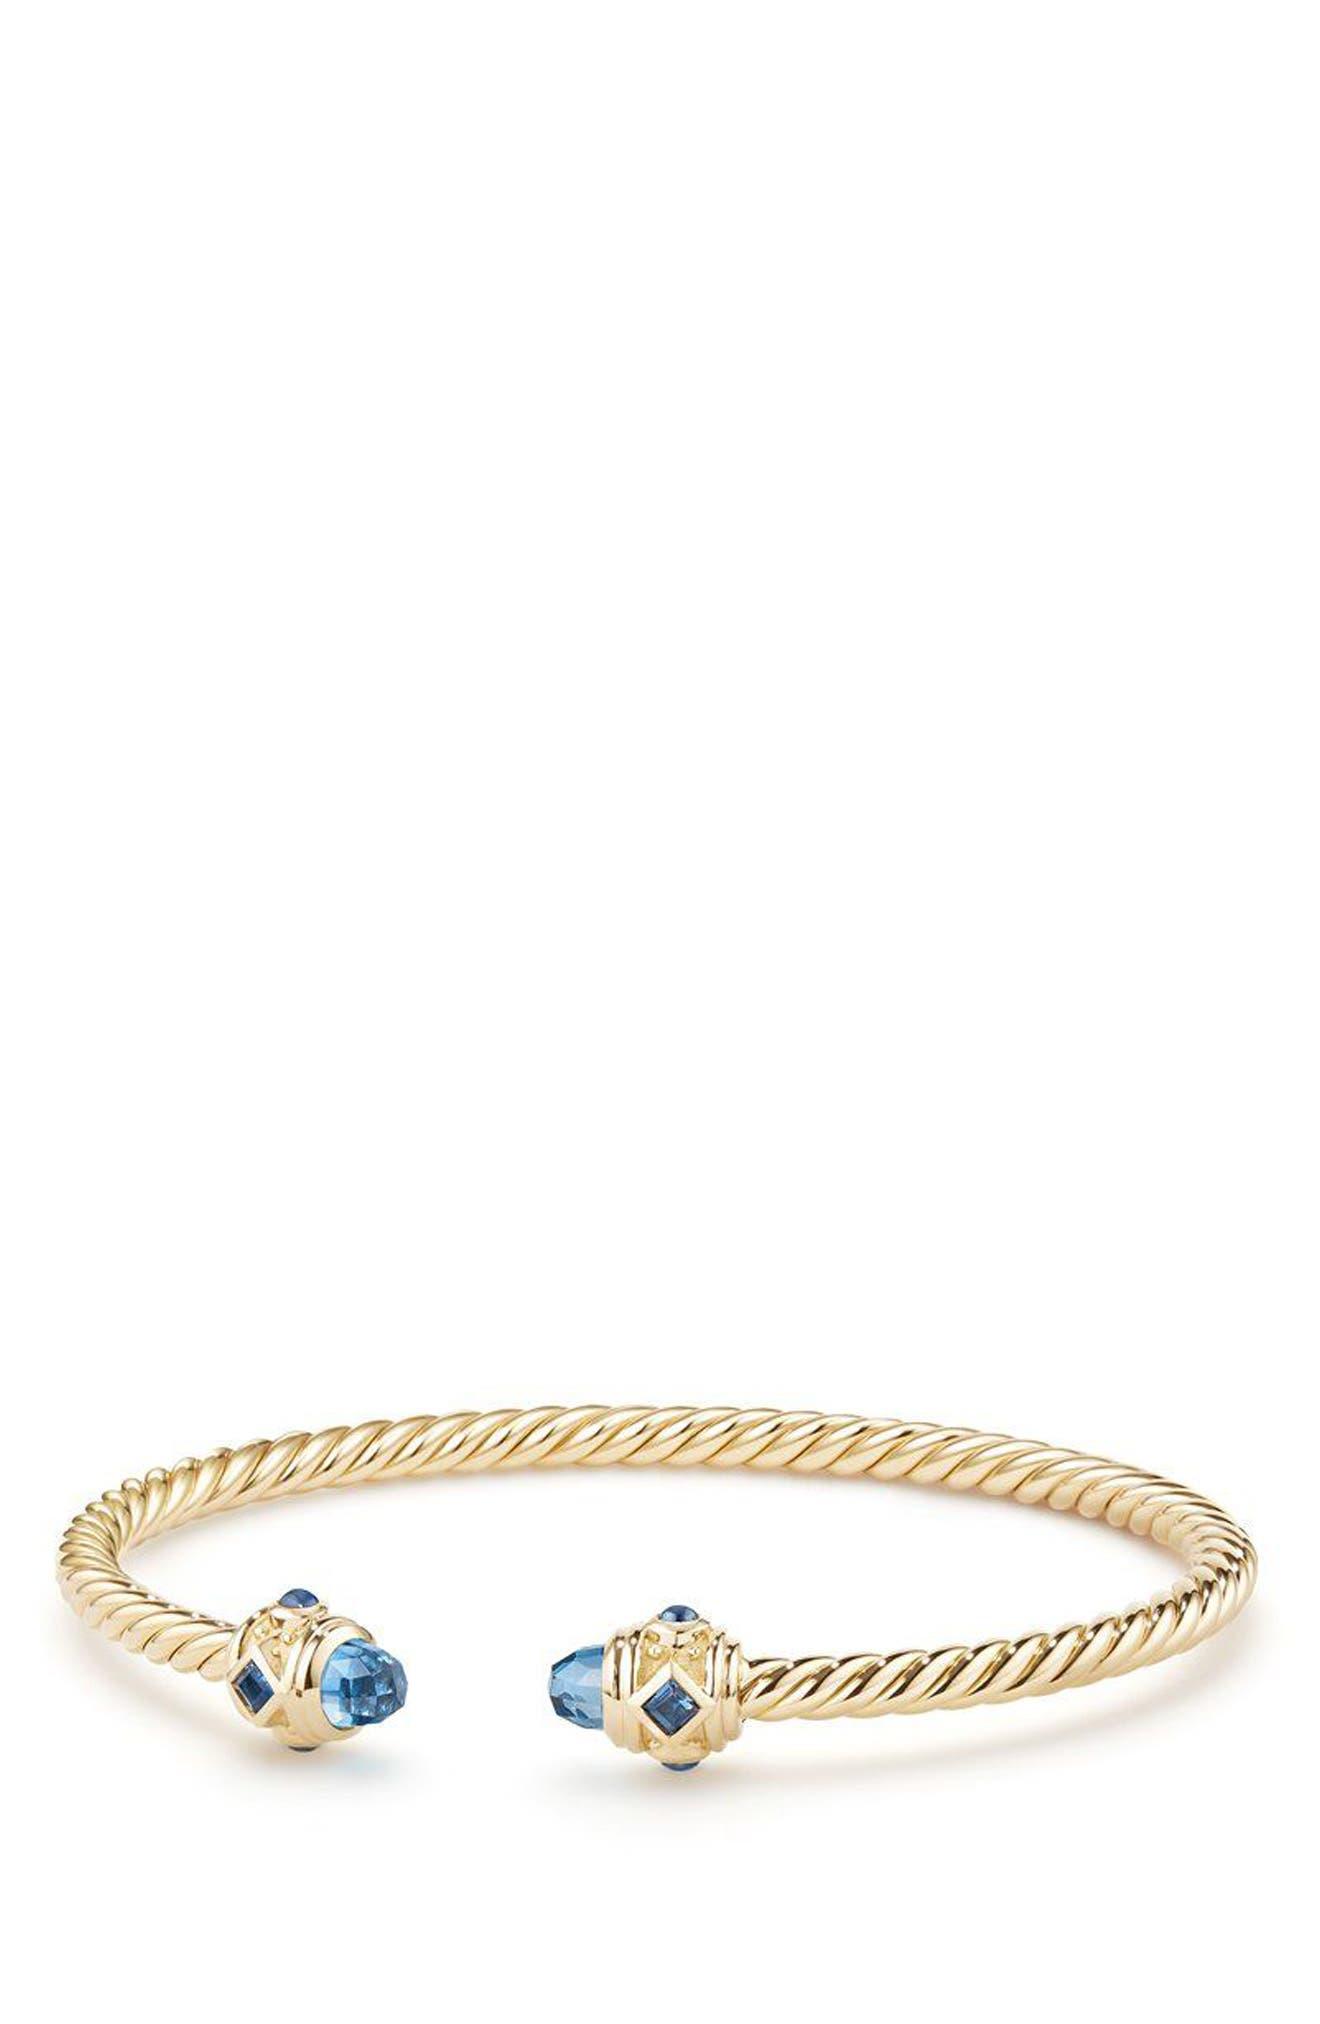 Renaissance Bracelet in 18K Gold, 3.5mm, Main, color, GOLD/ HAMPTON BLUE TOPAZ